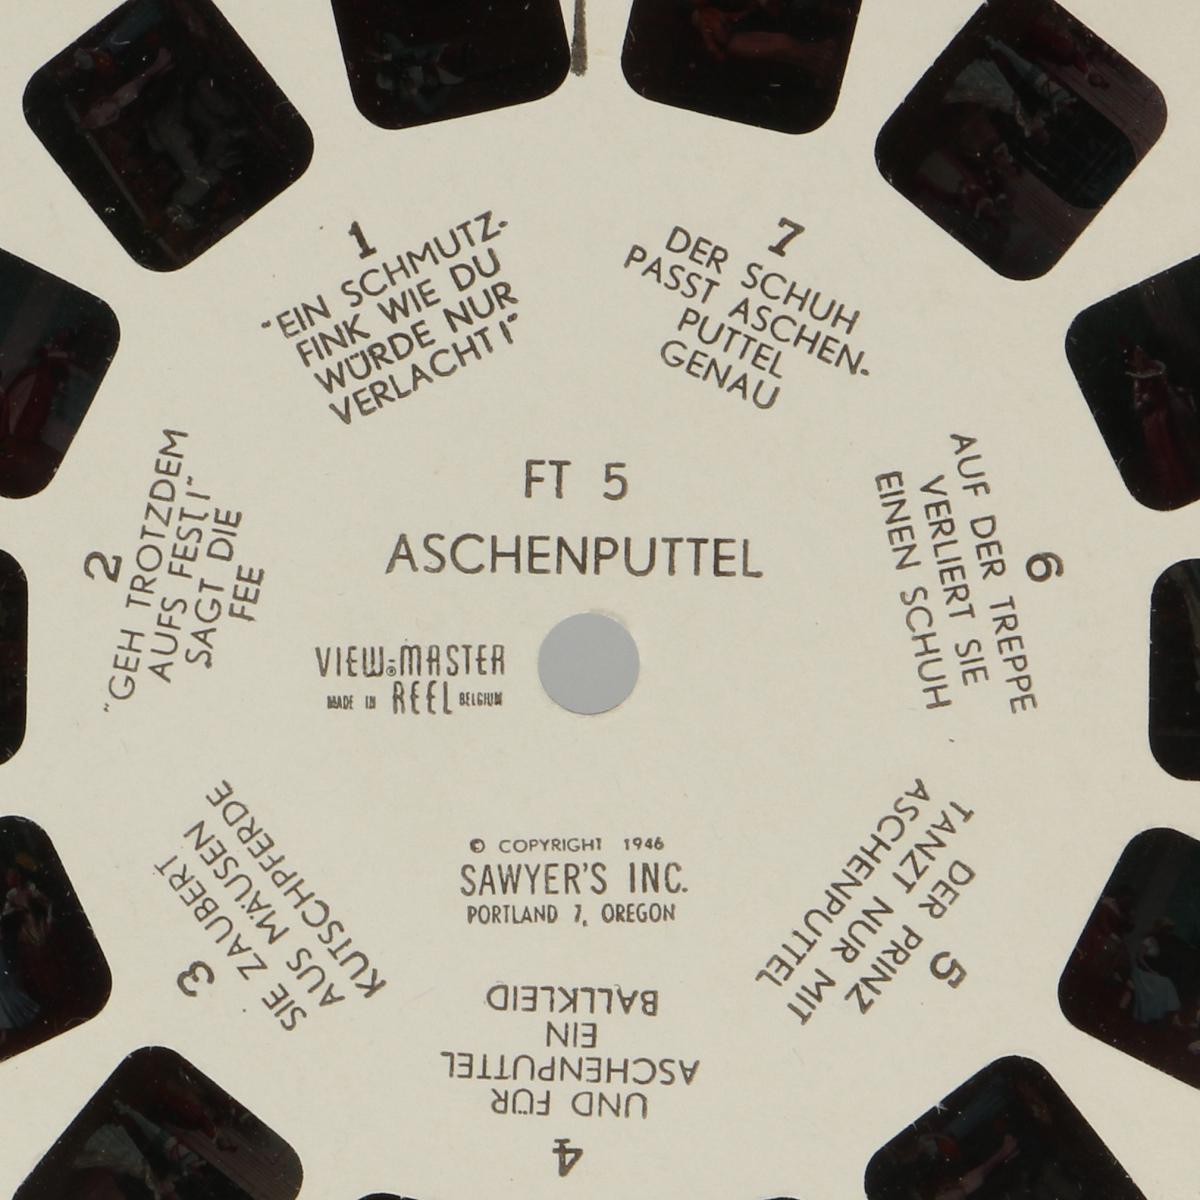 Afbeeldingen van View-master Aschenputtel FT 5